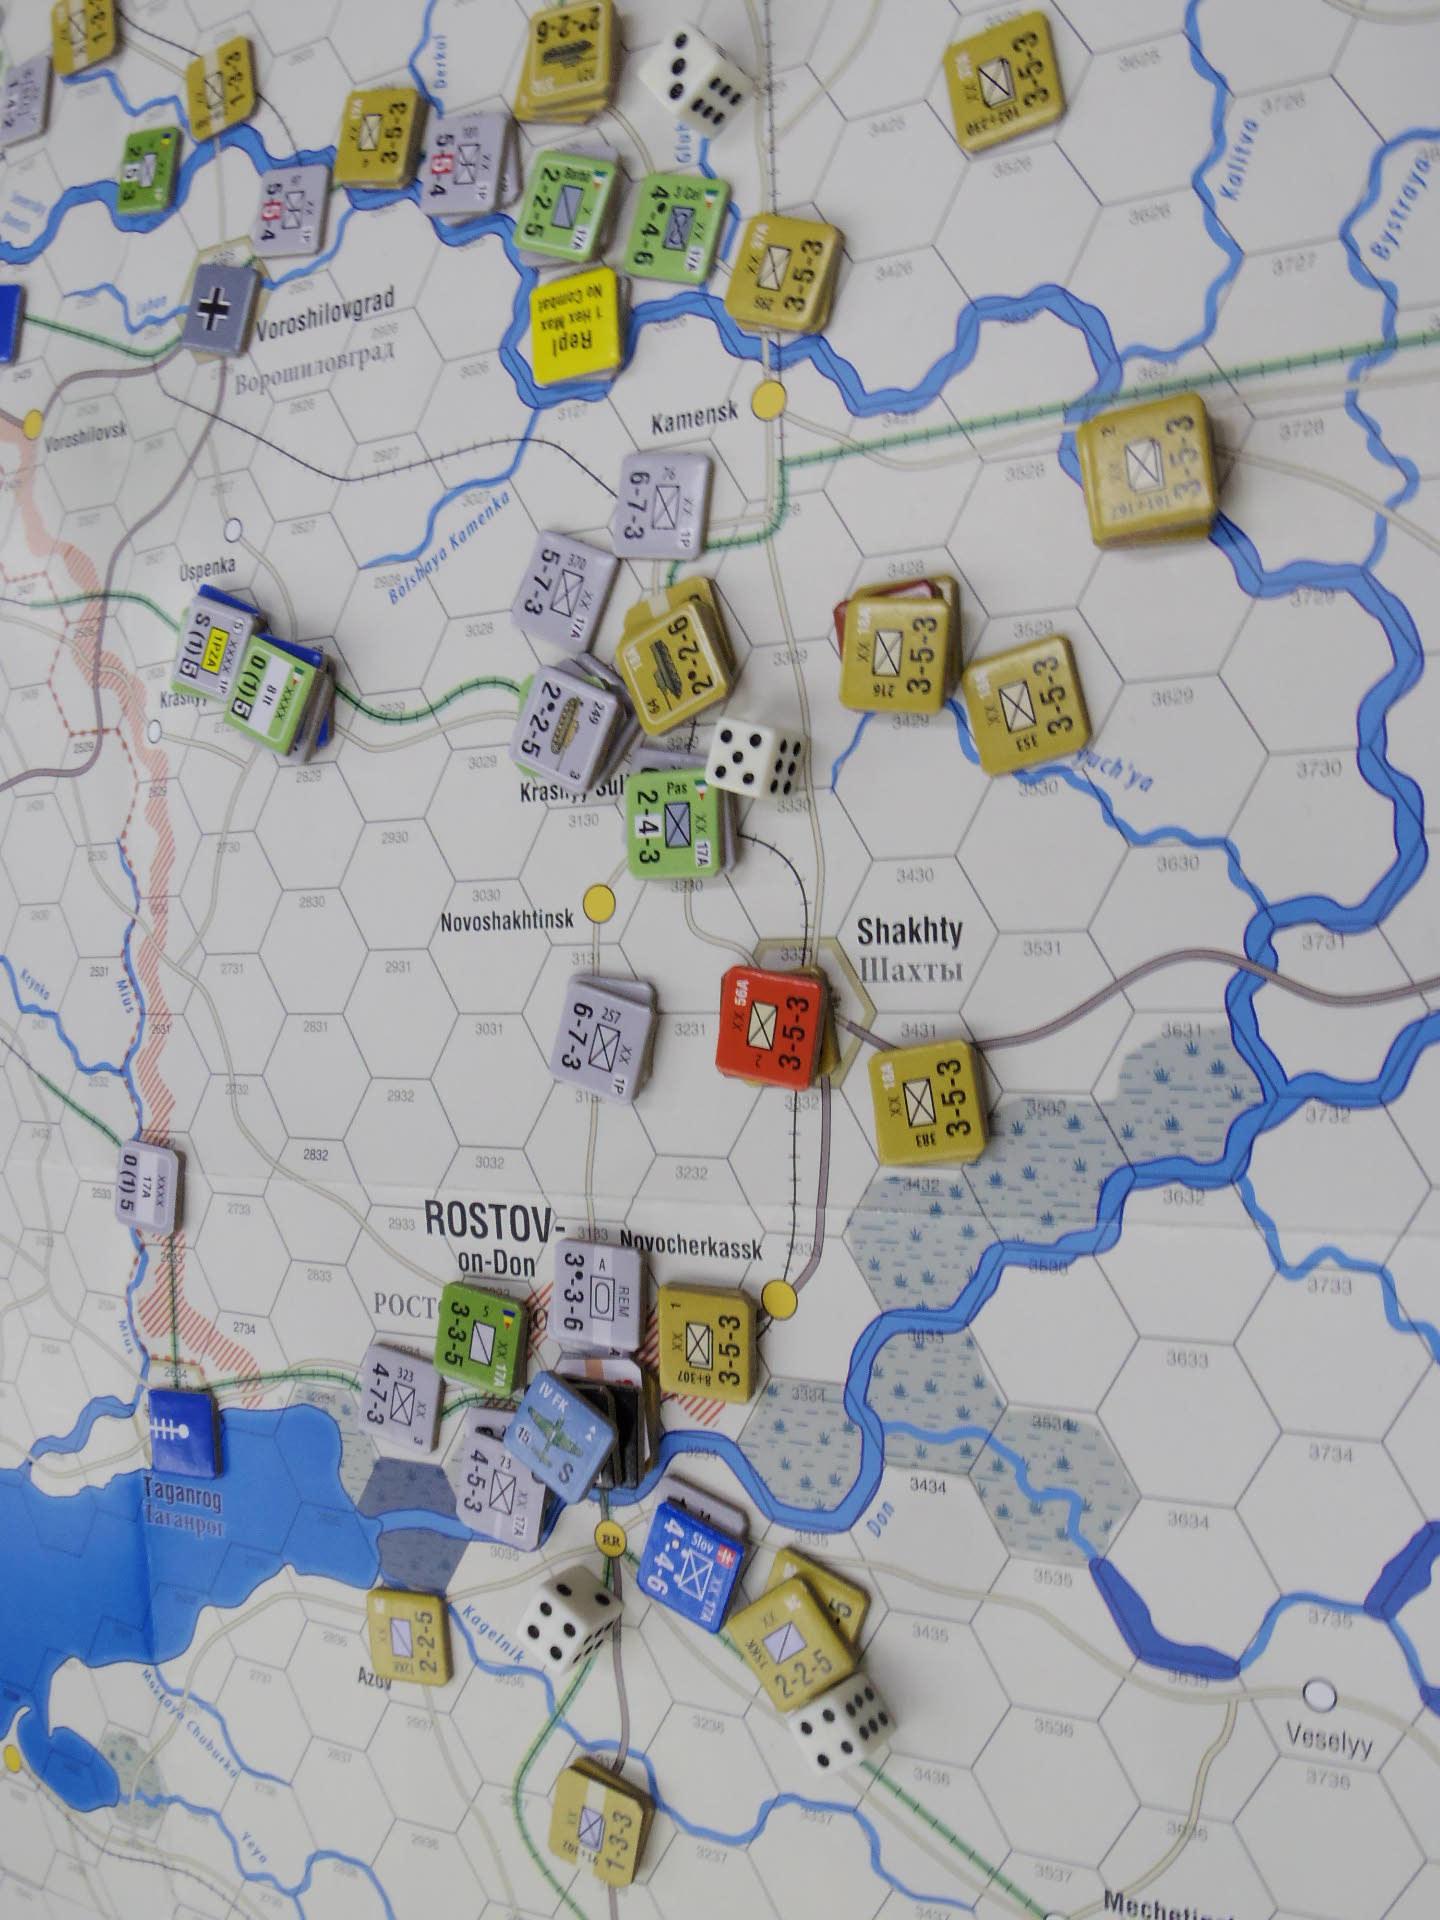 2020.01.11(土)YSGA新春初例会⑵初日...(GMT)Stalingrad\'42キャンペーン第1班の➊_b0173672_19340385.jpg